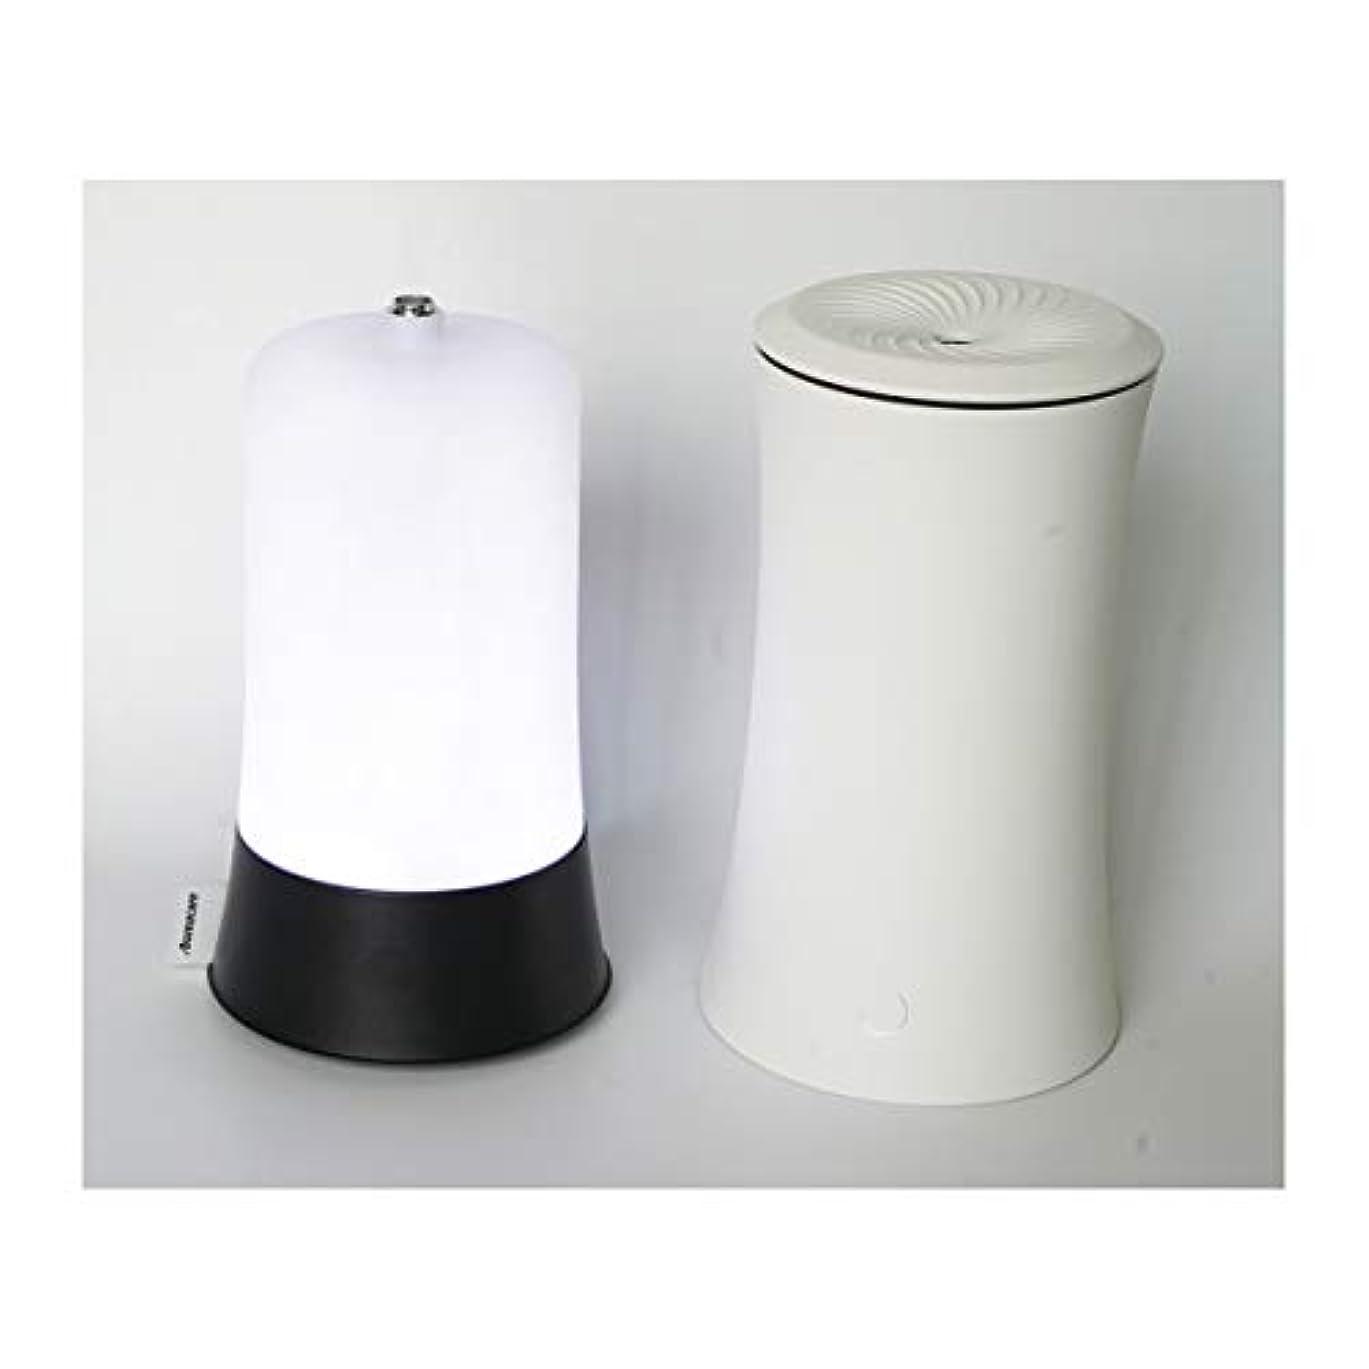 感謝するマージ栄光ウッドグレイン超音波アロマクールミスト300mlエッセンシャルオイルディフューザー、アロマ加湿器付き、水なしオートシャットオフ、7色LEDライトホームオフィス用ベビーホワイト